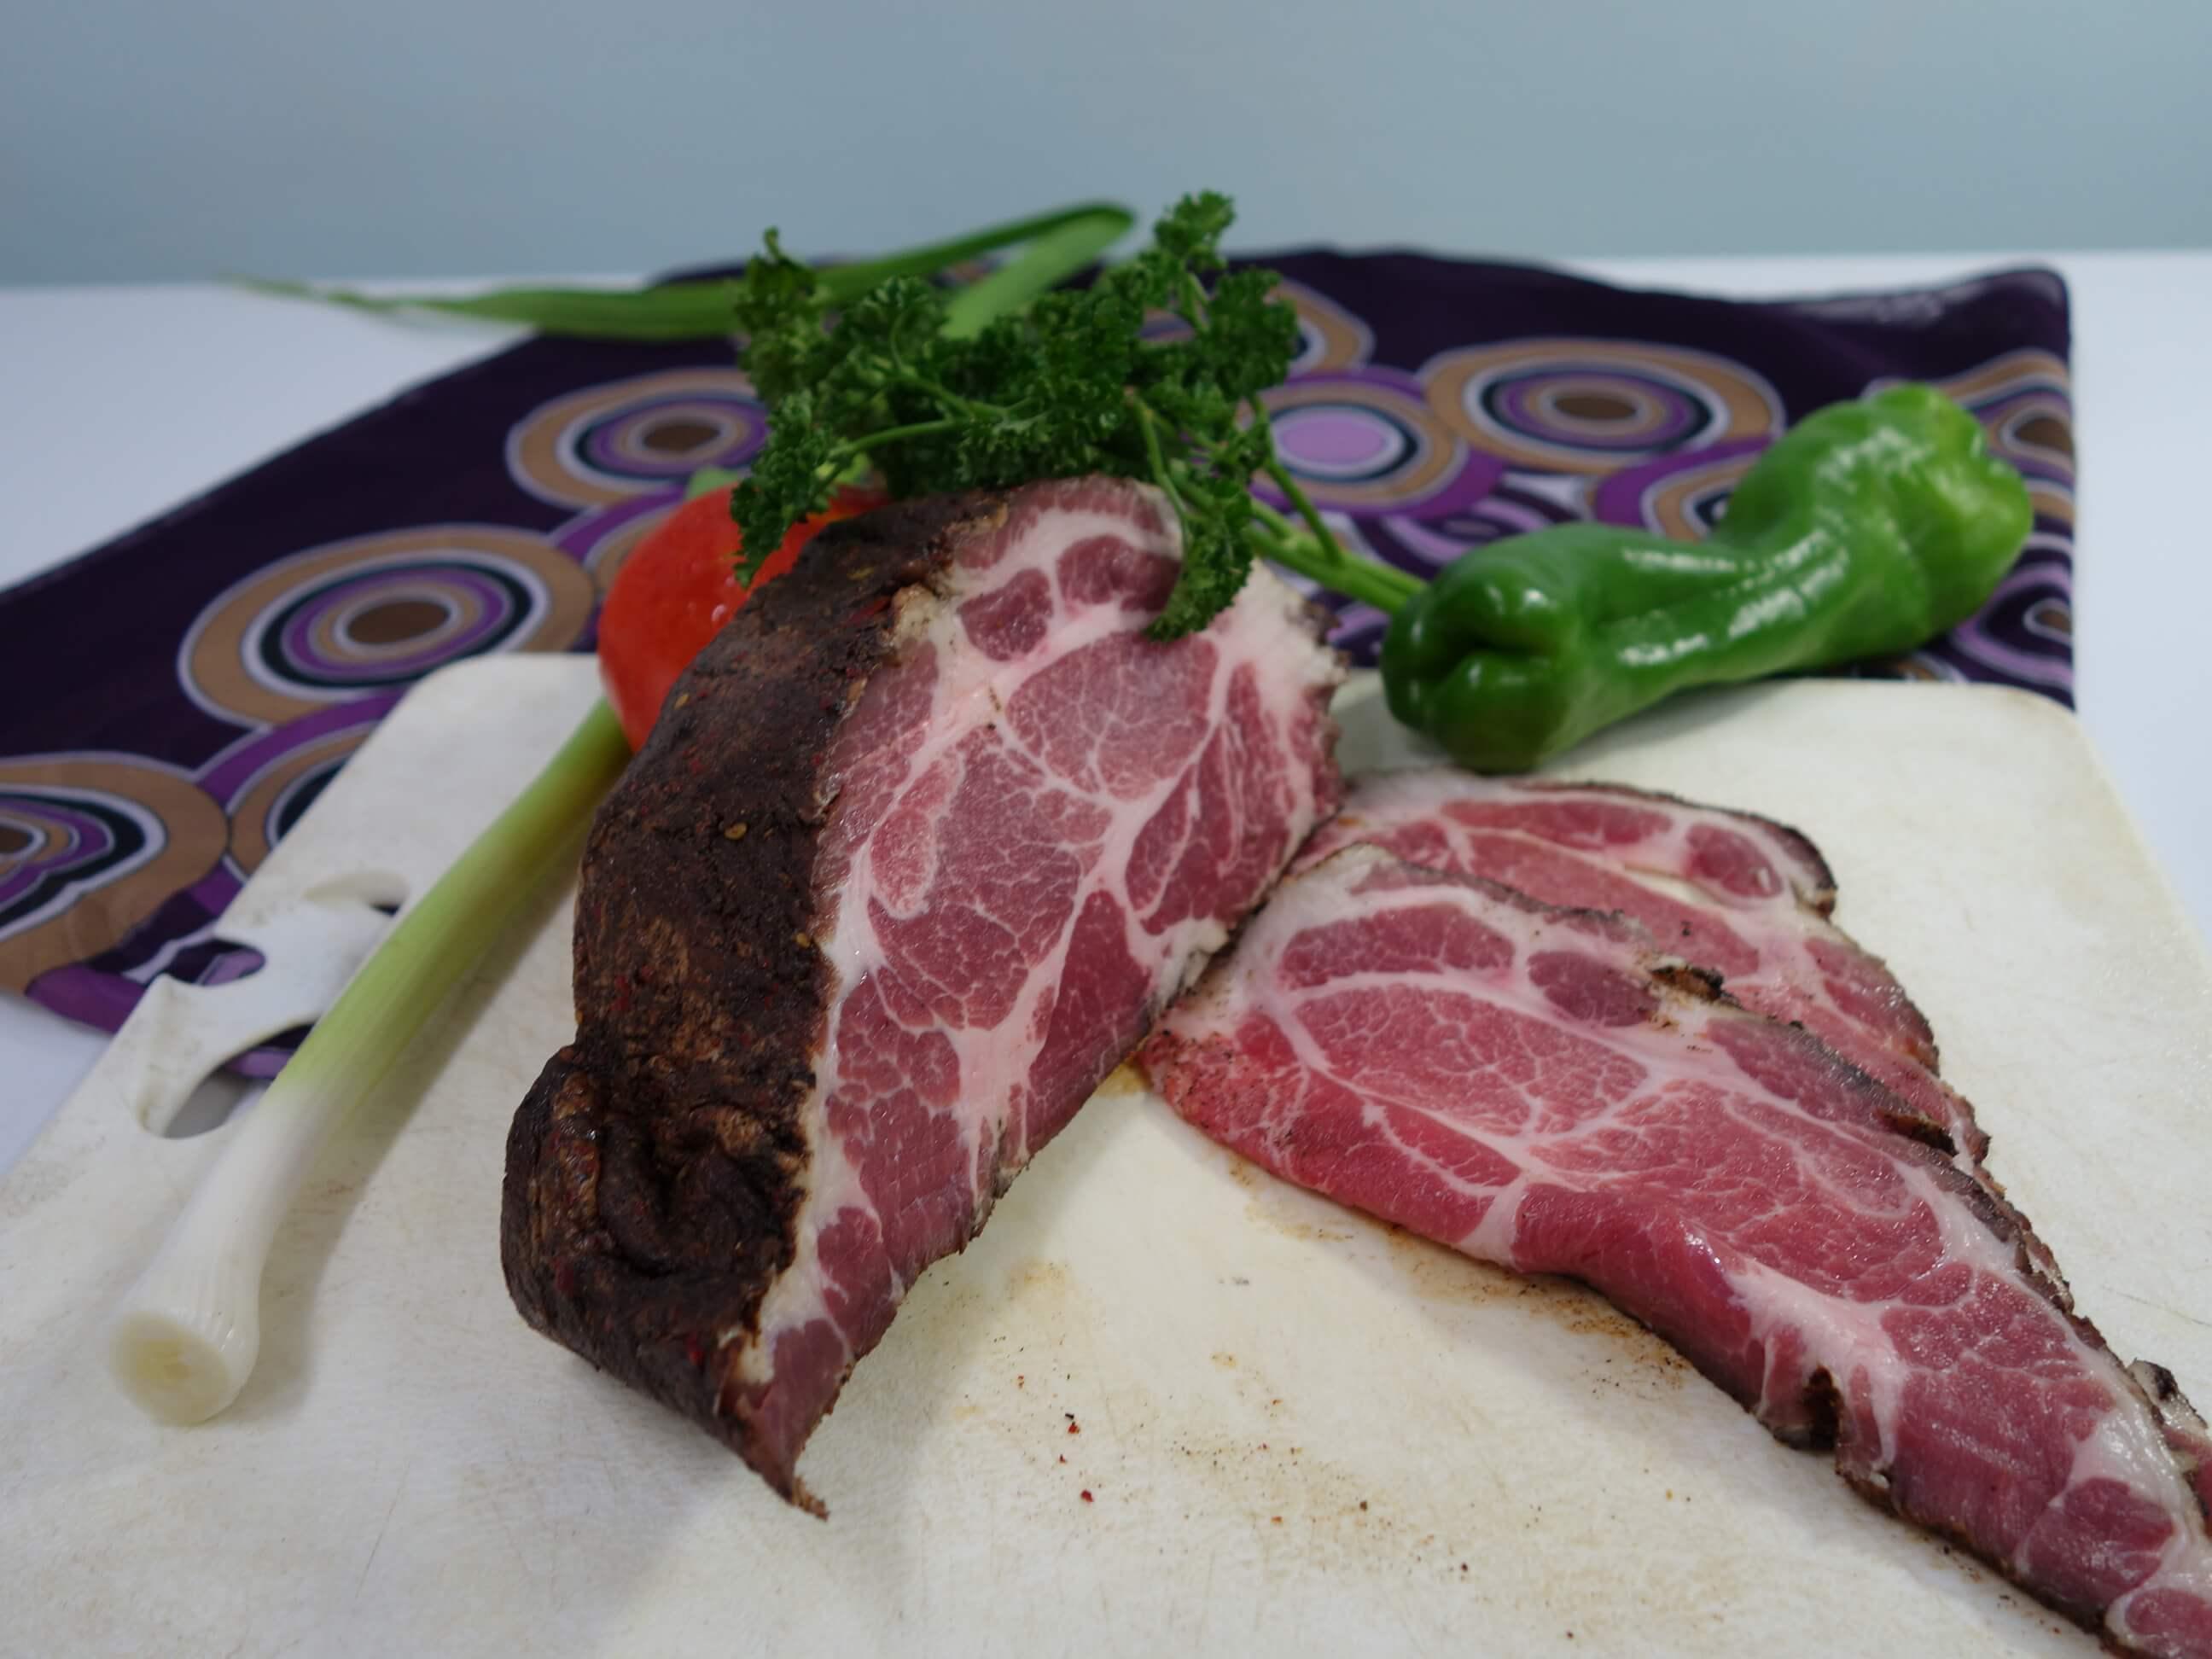 ~阿丁健天然食品工坊~ 天然法式香草培根 梅花豬肉  容量 : 600公克  包